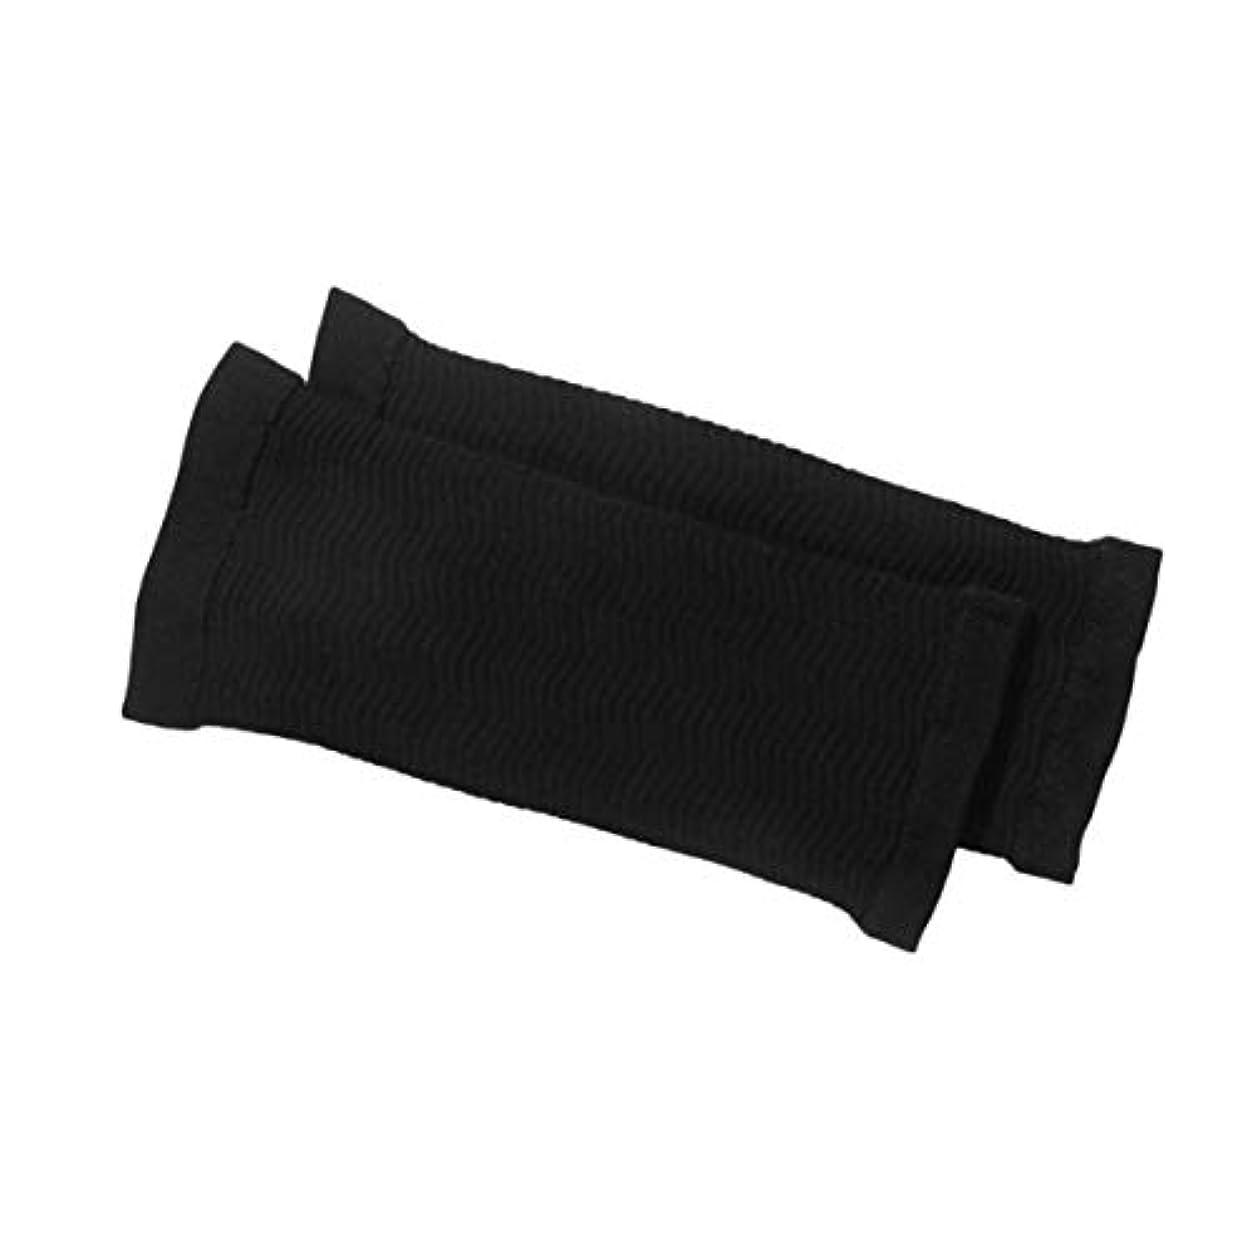 バーチャル旅客不和1ペア420 D圧縮痩身アームスリーブワークアウトトーニングバーンセルライトシェイパー脂肪燃焼袖用女性 - 黒